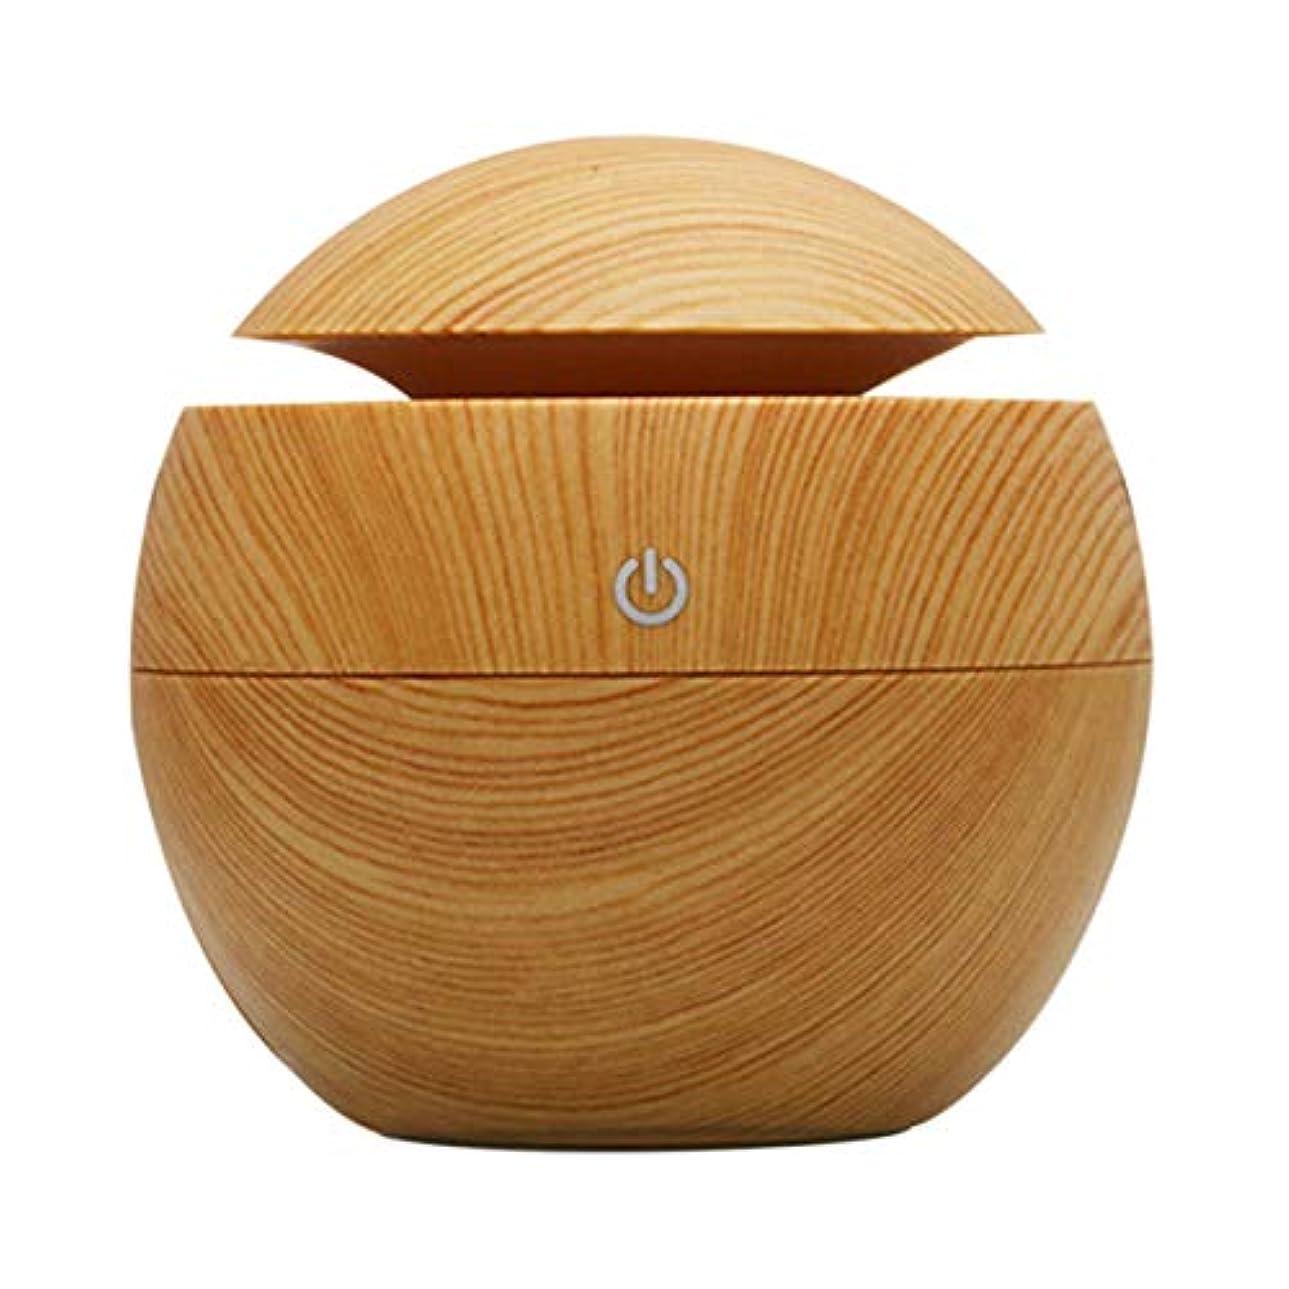 銀行シャワー忍耐Saikogoods 130mlのポータブルサイズの木製のホームオフィスアロマエッセンシャルオイルディフューザー超音波USB充電式ミスト加湿器 ライトウッドカラー